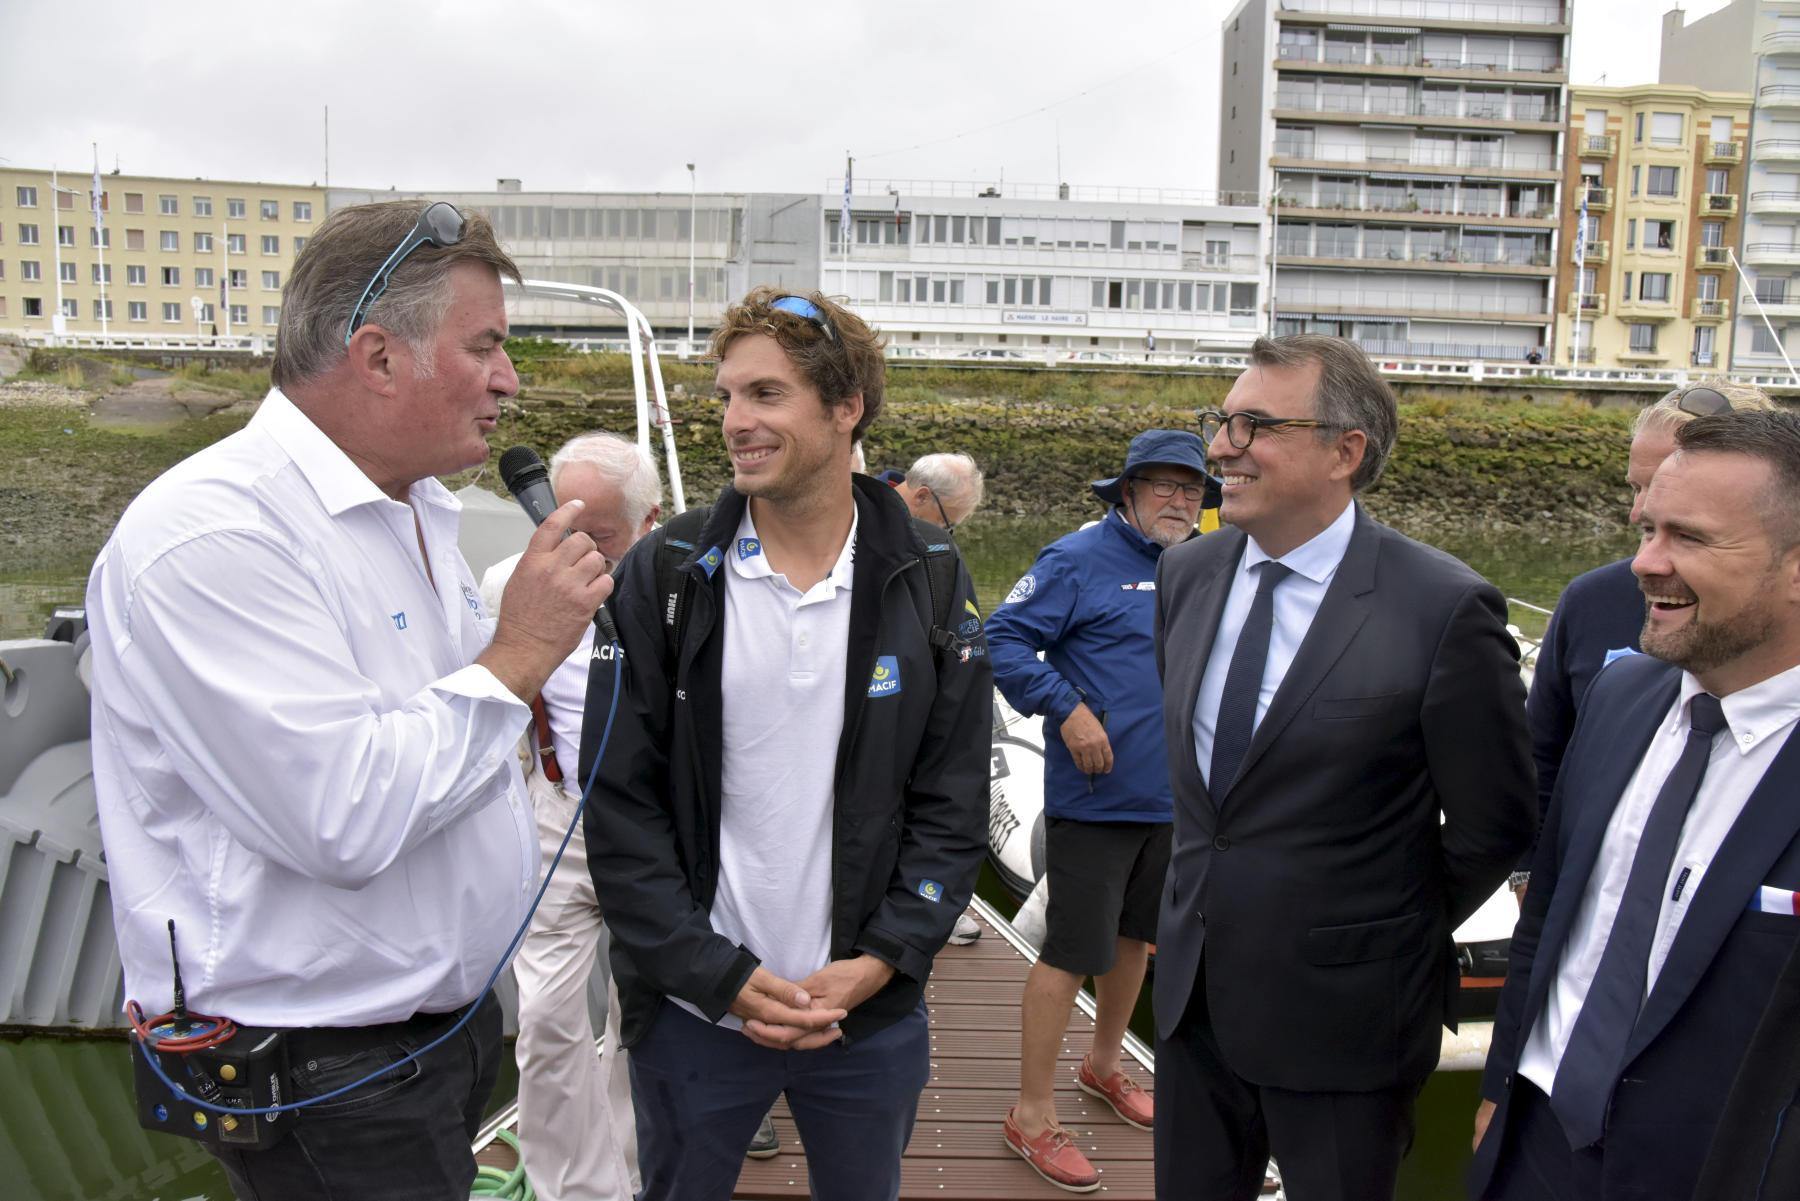 Le skipper havrais Charlie Dalin (au centre), favori de cette Solitaire URGO Le Figaro 2018, aux côtés du maire du Havre Luc Lemonnier (à droite)